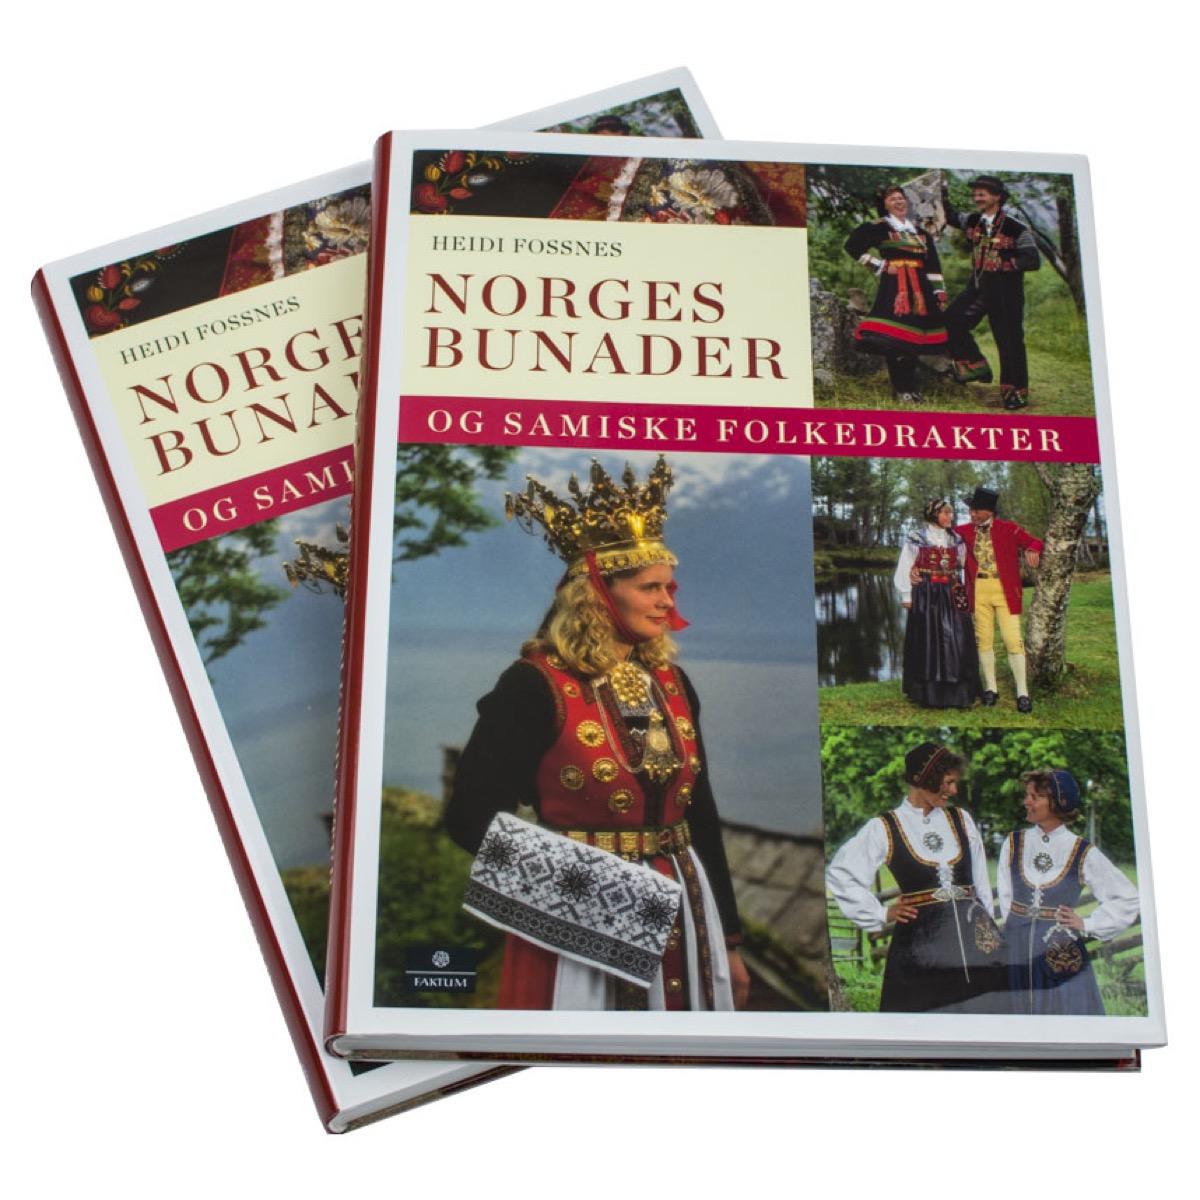 Norges bunader